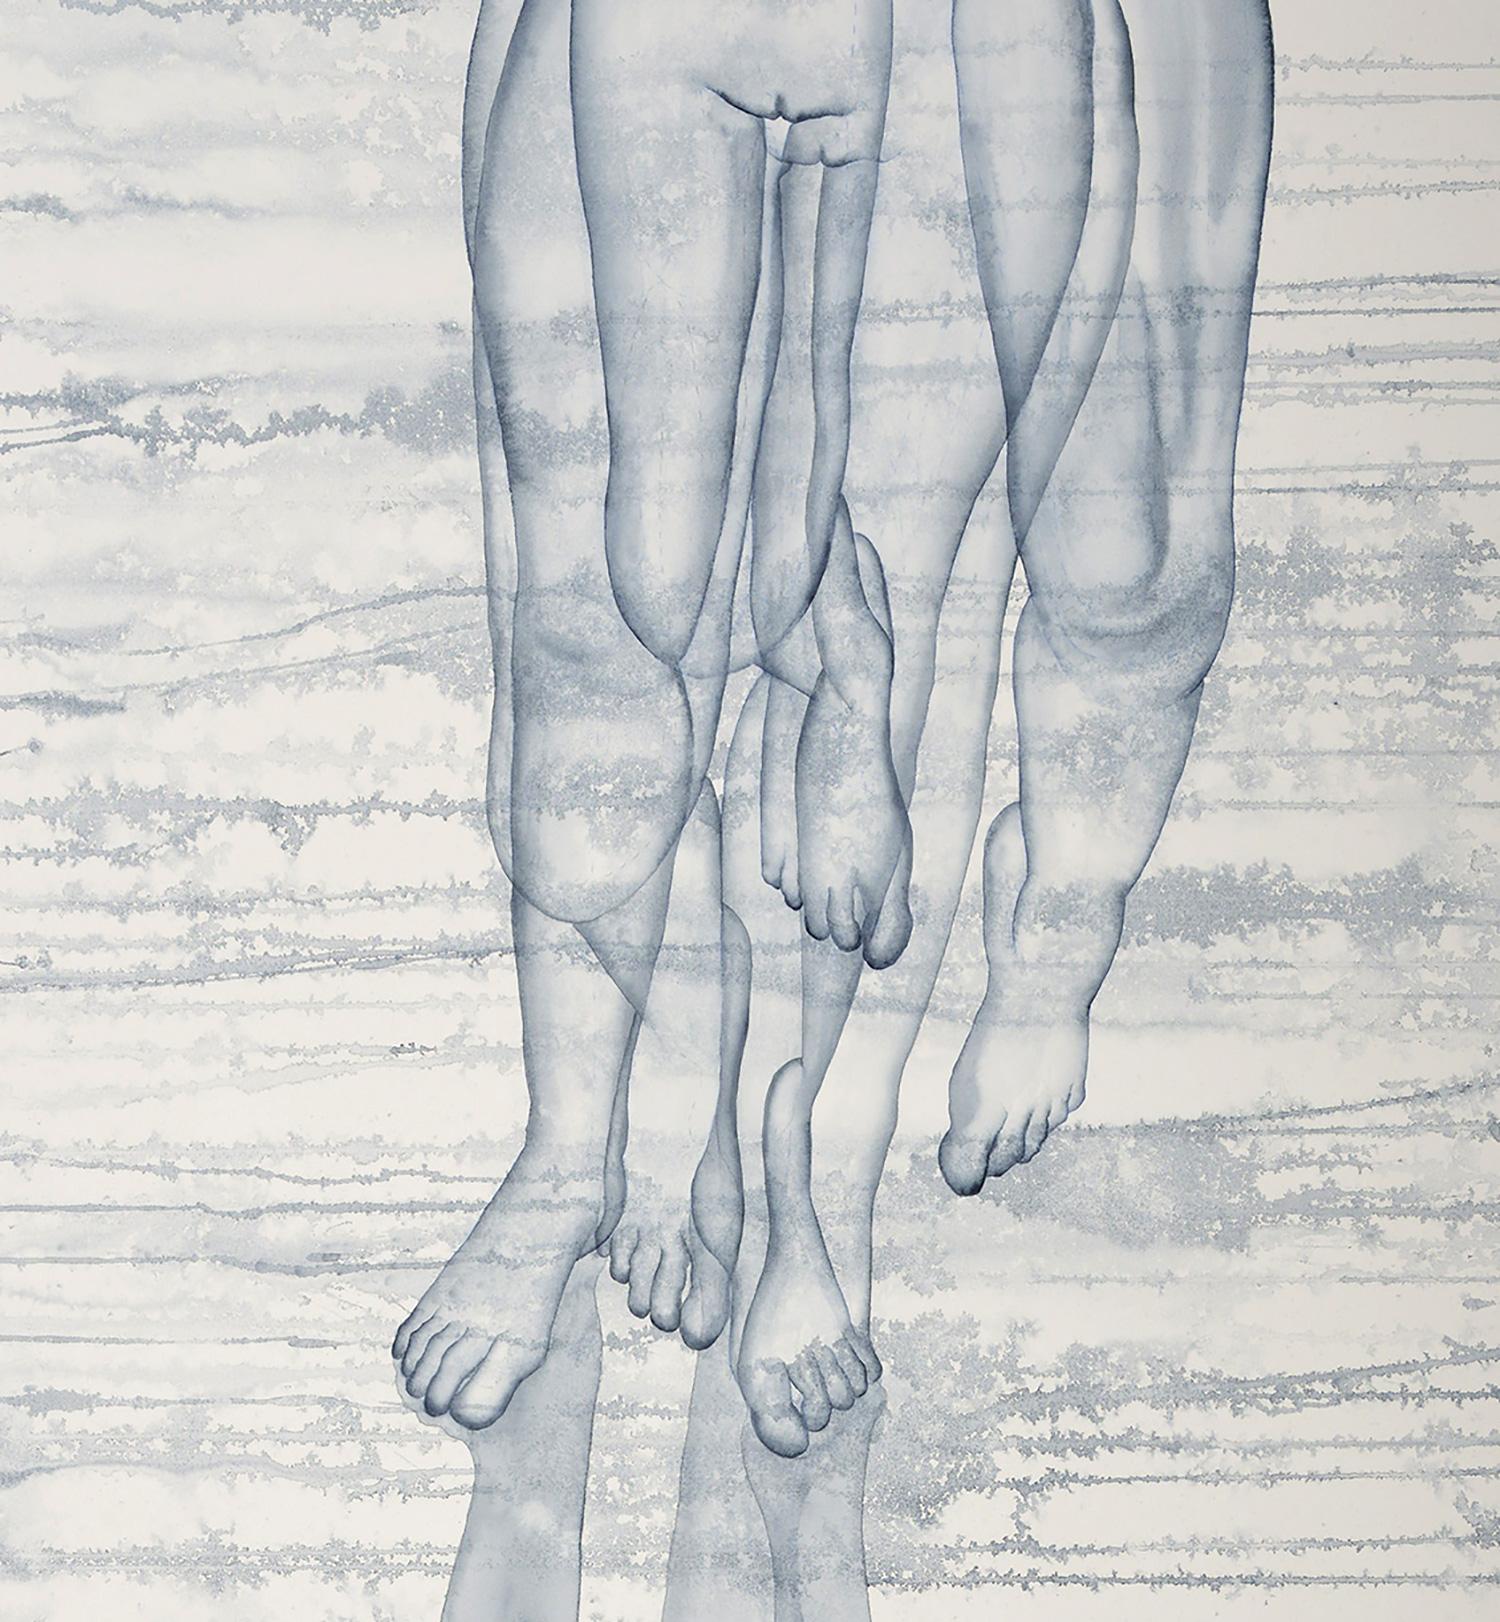 Stefano Bolzano, Stacco, acquerello su carta, 150x90cm, 2020 (dettaglio).